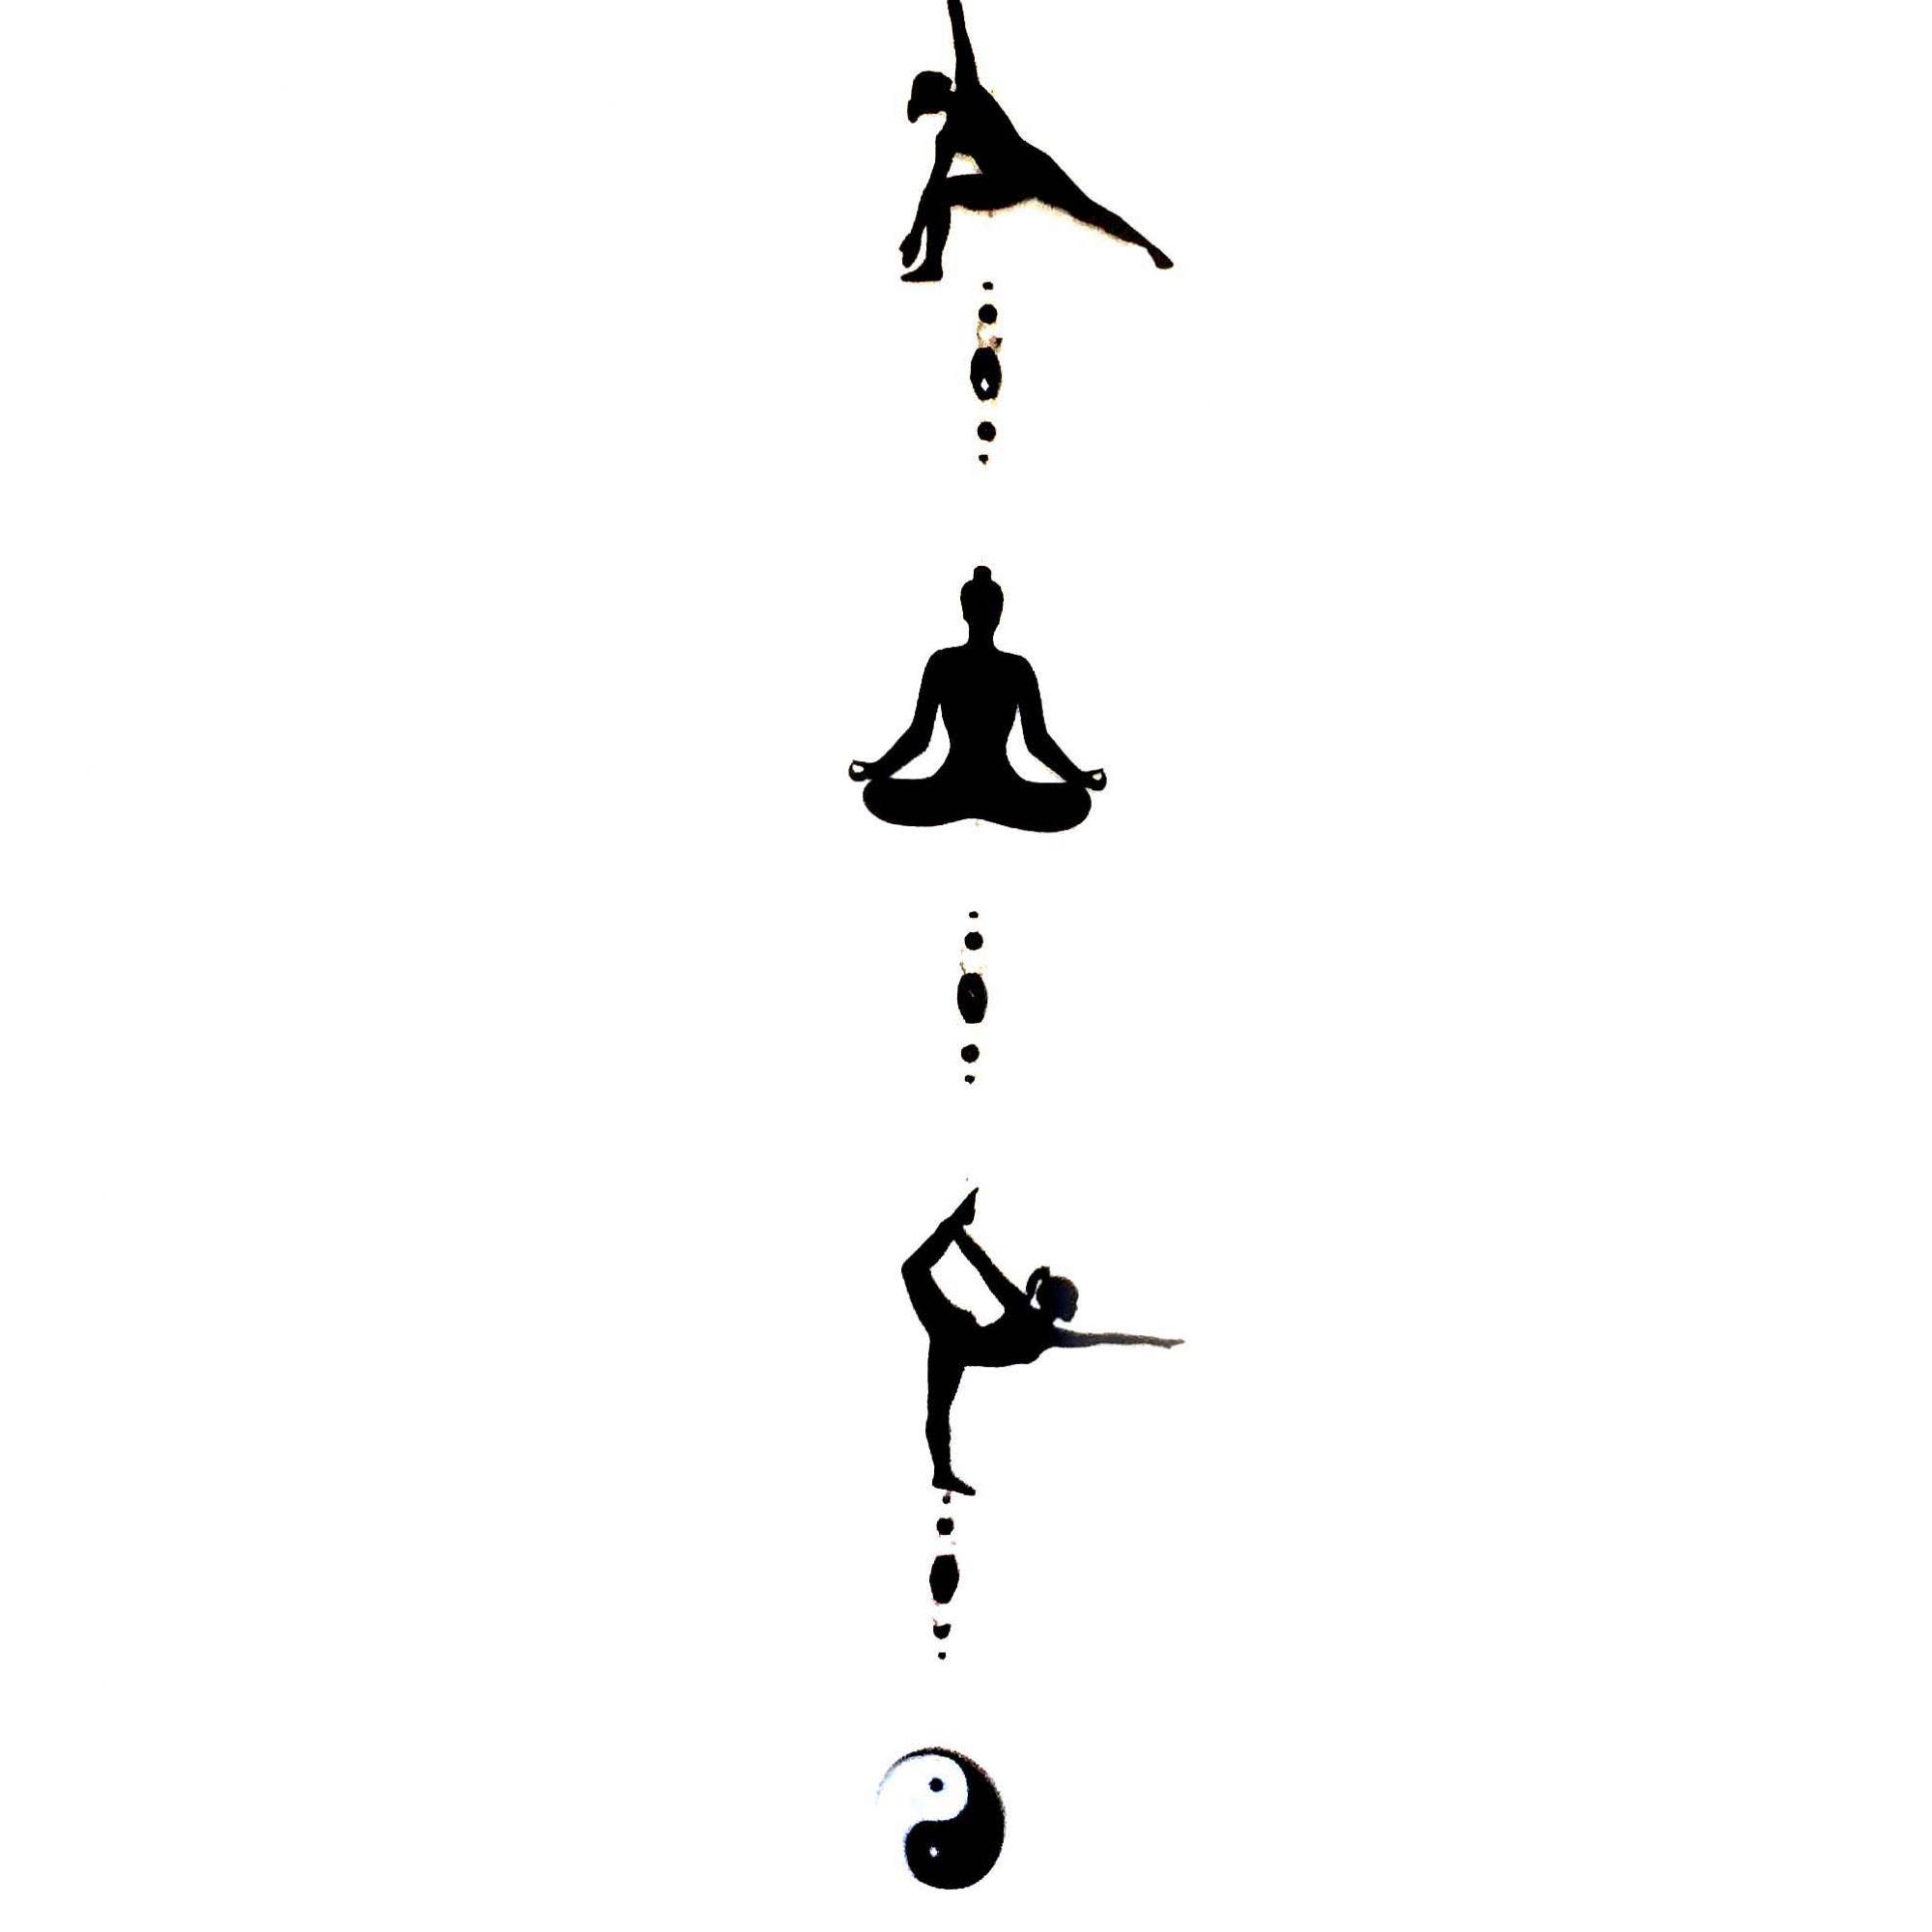 Fio de Luz Mobile Posições Yoga Yin Yang Preto Mobile